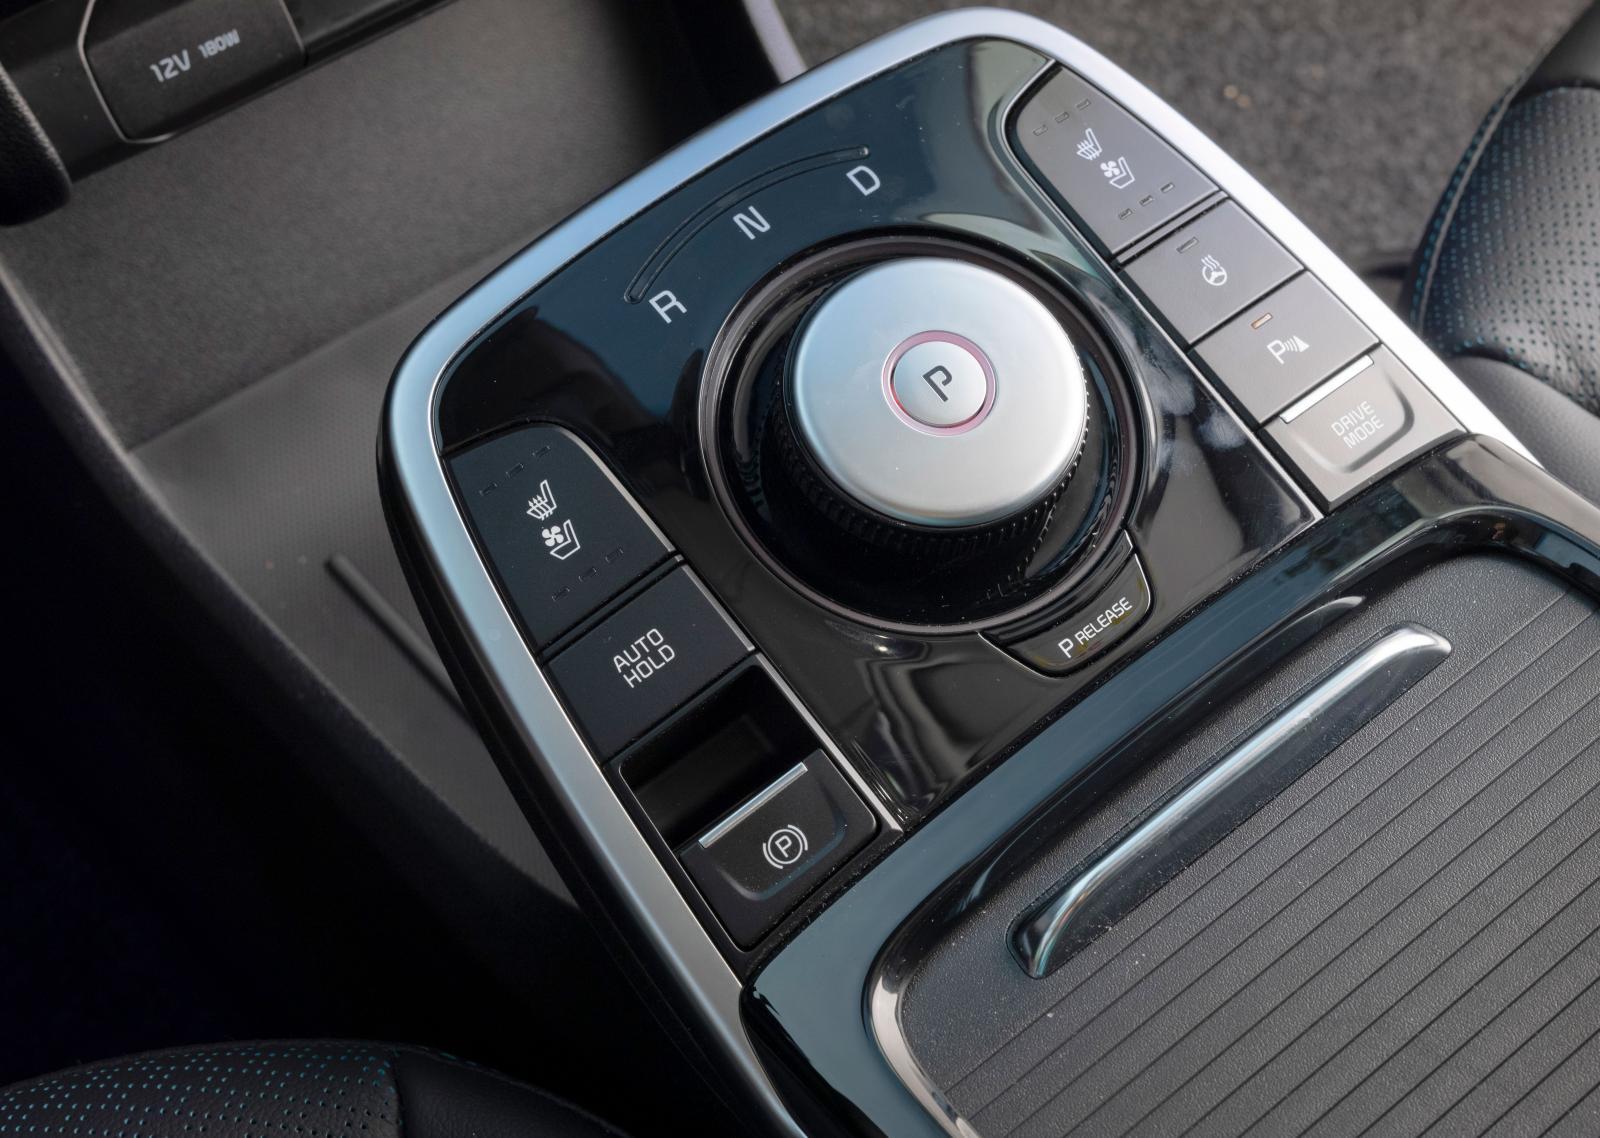 Växelväljaren är ett lättskött vred, omgivet av knappar för stolsvärme, start/stopp, rattvärme etc.